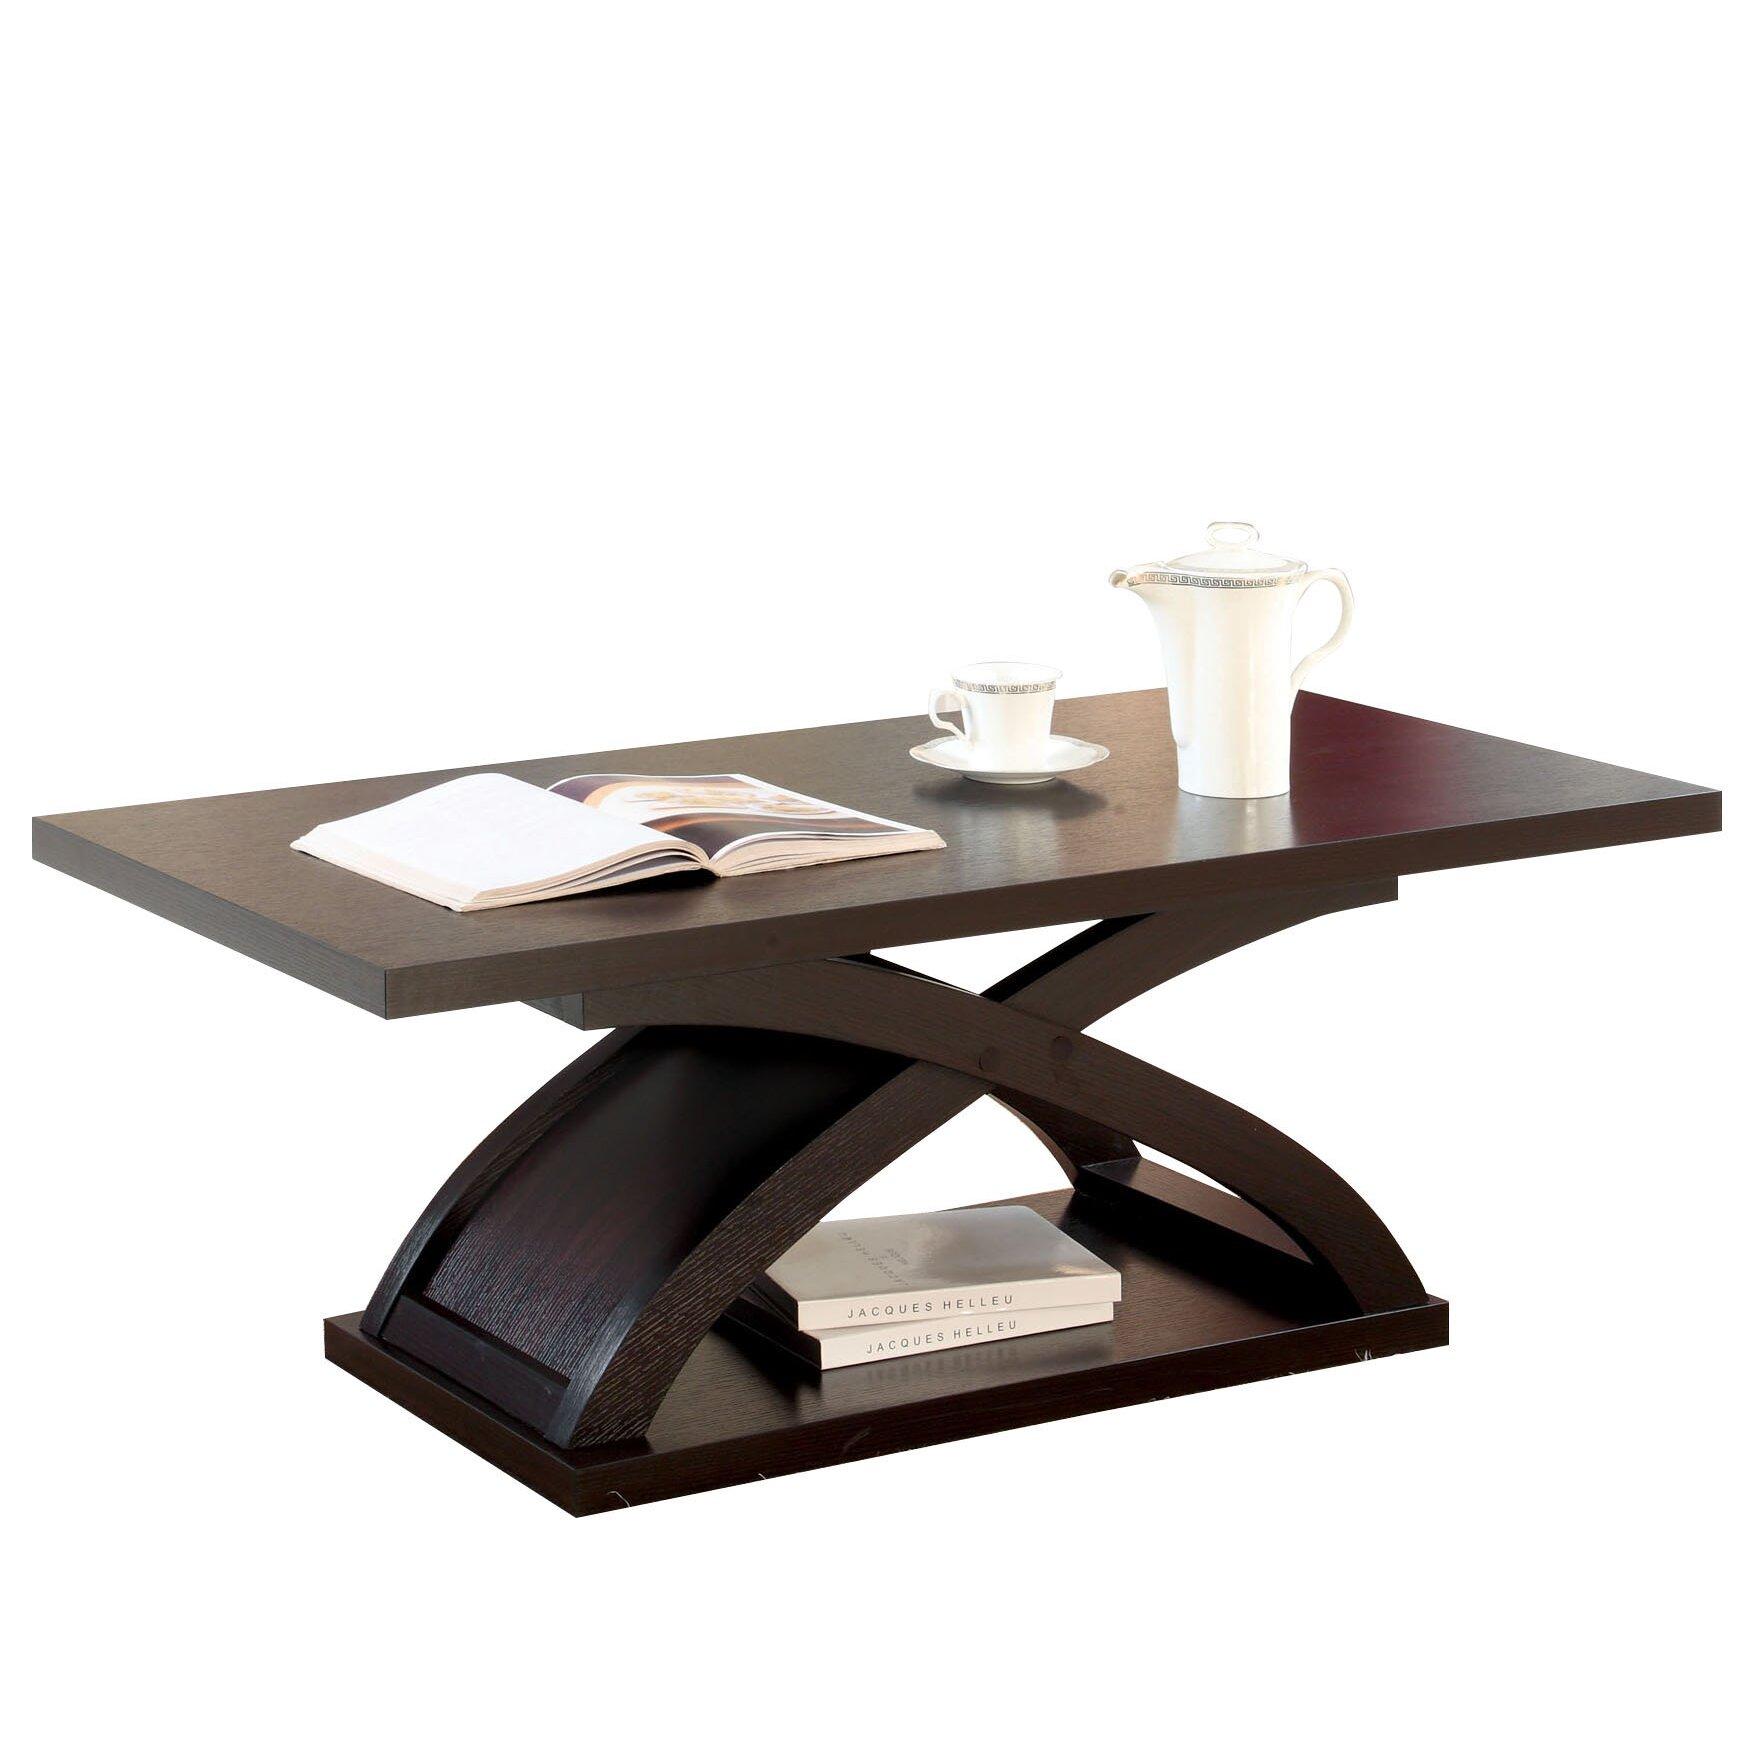 hokku designs coffee table  great furniture references - greatest photos of hokku designs coffee table